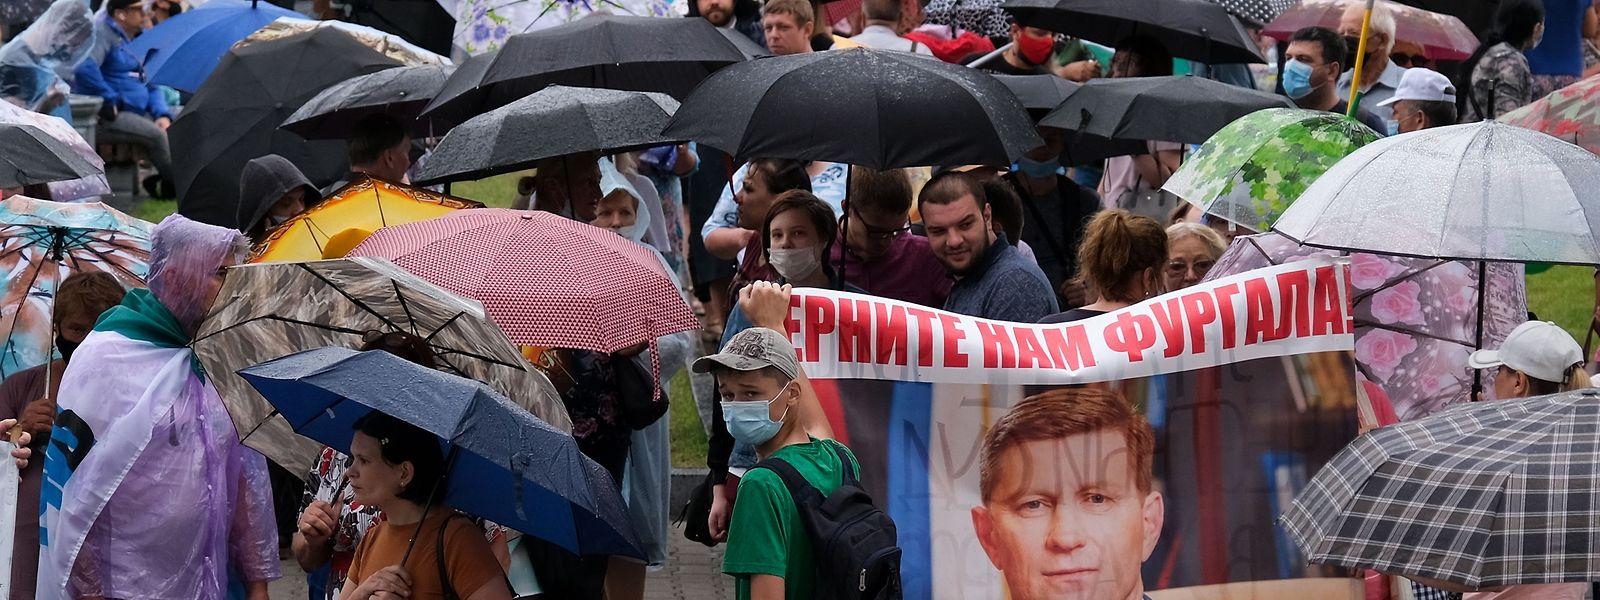 Die Proteste in Chabarowsk reißen nicht ab. Seit Wochen fordern die Demonstranten die Freilassung des verhafteten Gouverneurs Sergei Furgal.